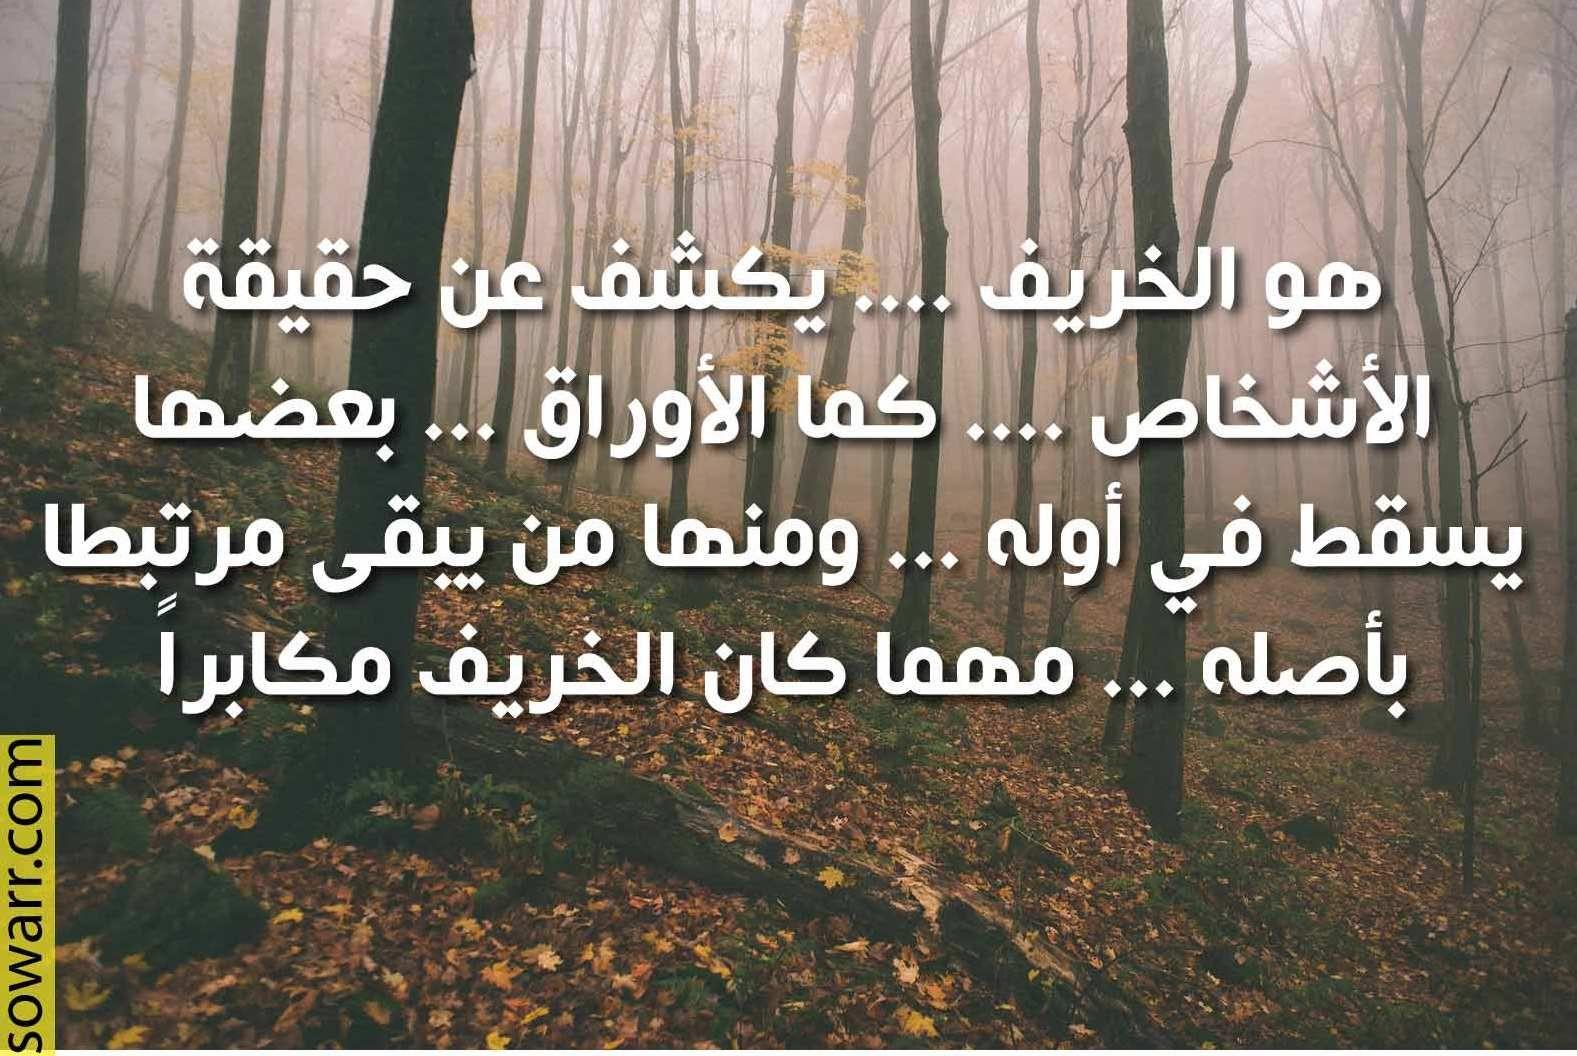 صور كلمات حزينة عن الخريف Sowarr Com موقع صور أنت في صورة Words Quotations Arabic Quotes